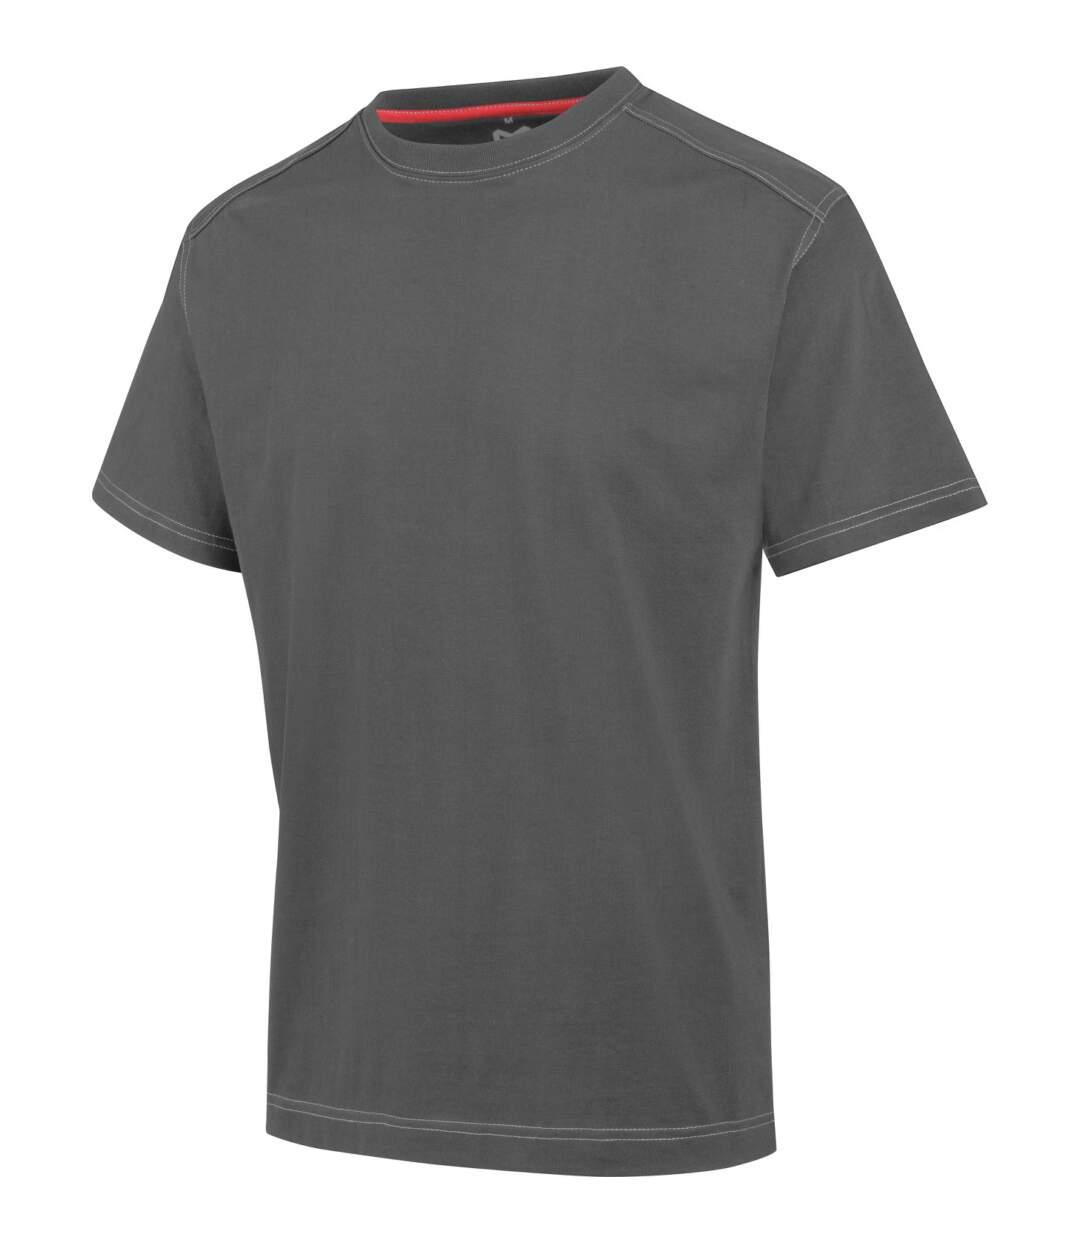 Tee-shirt de travail Pro Würth MODYF anthracite